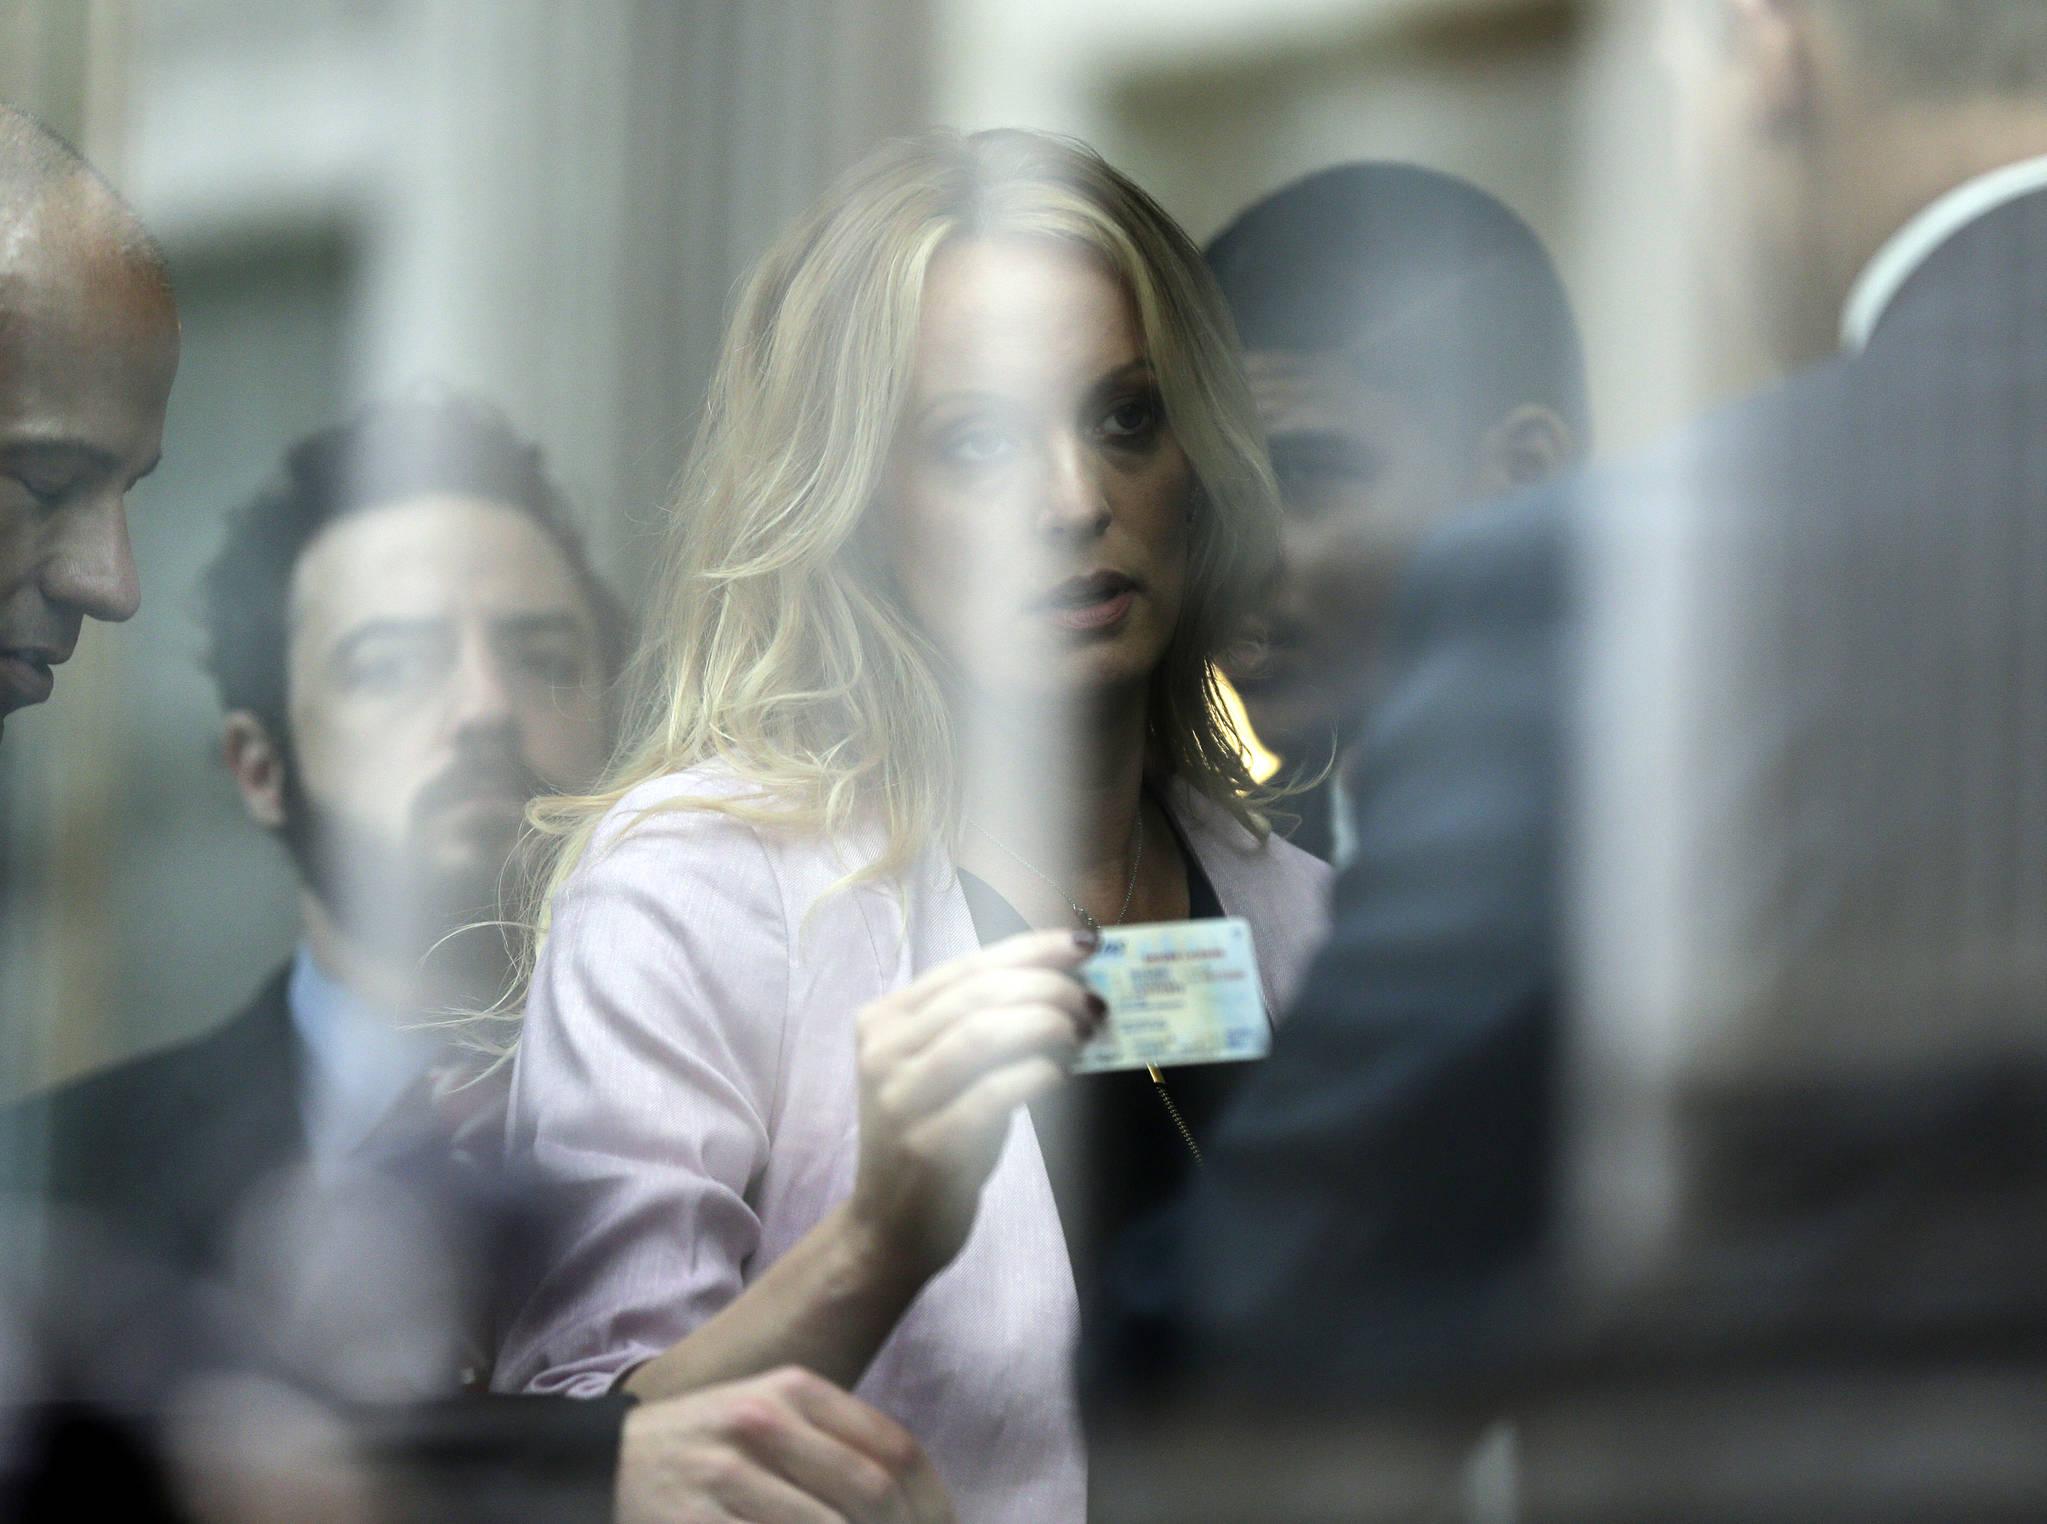 스토미 대니얼스가 연방법원에 출석해 법원 관계자에게 신분증을 보이고 있다. [AP=연합뉴스]